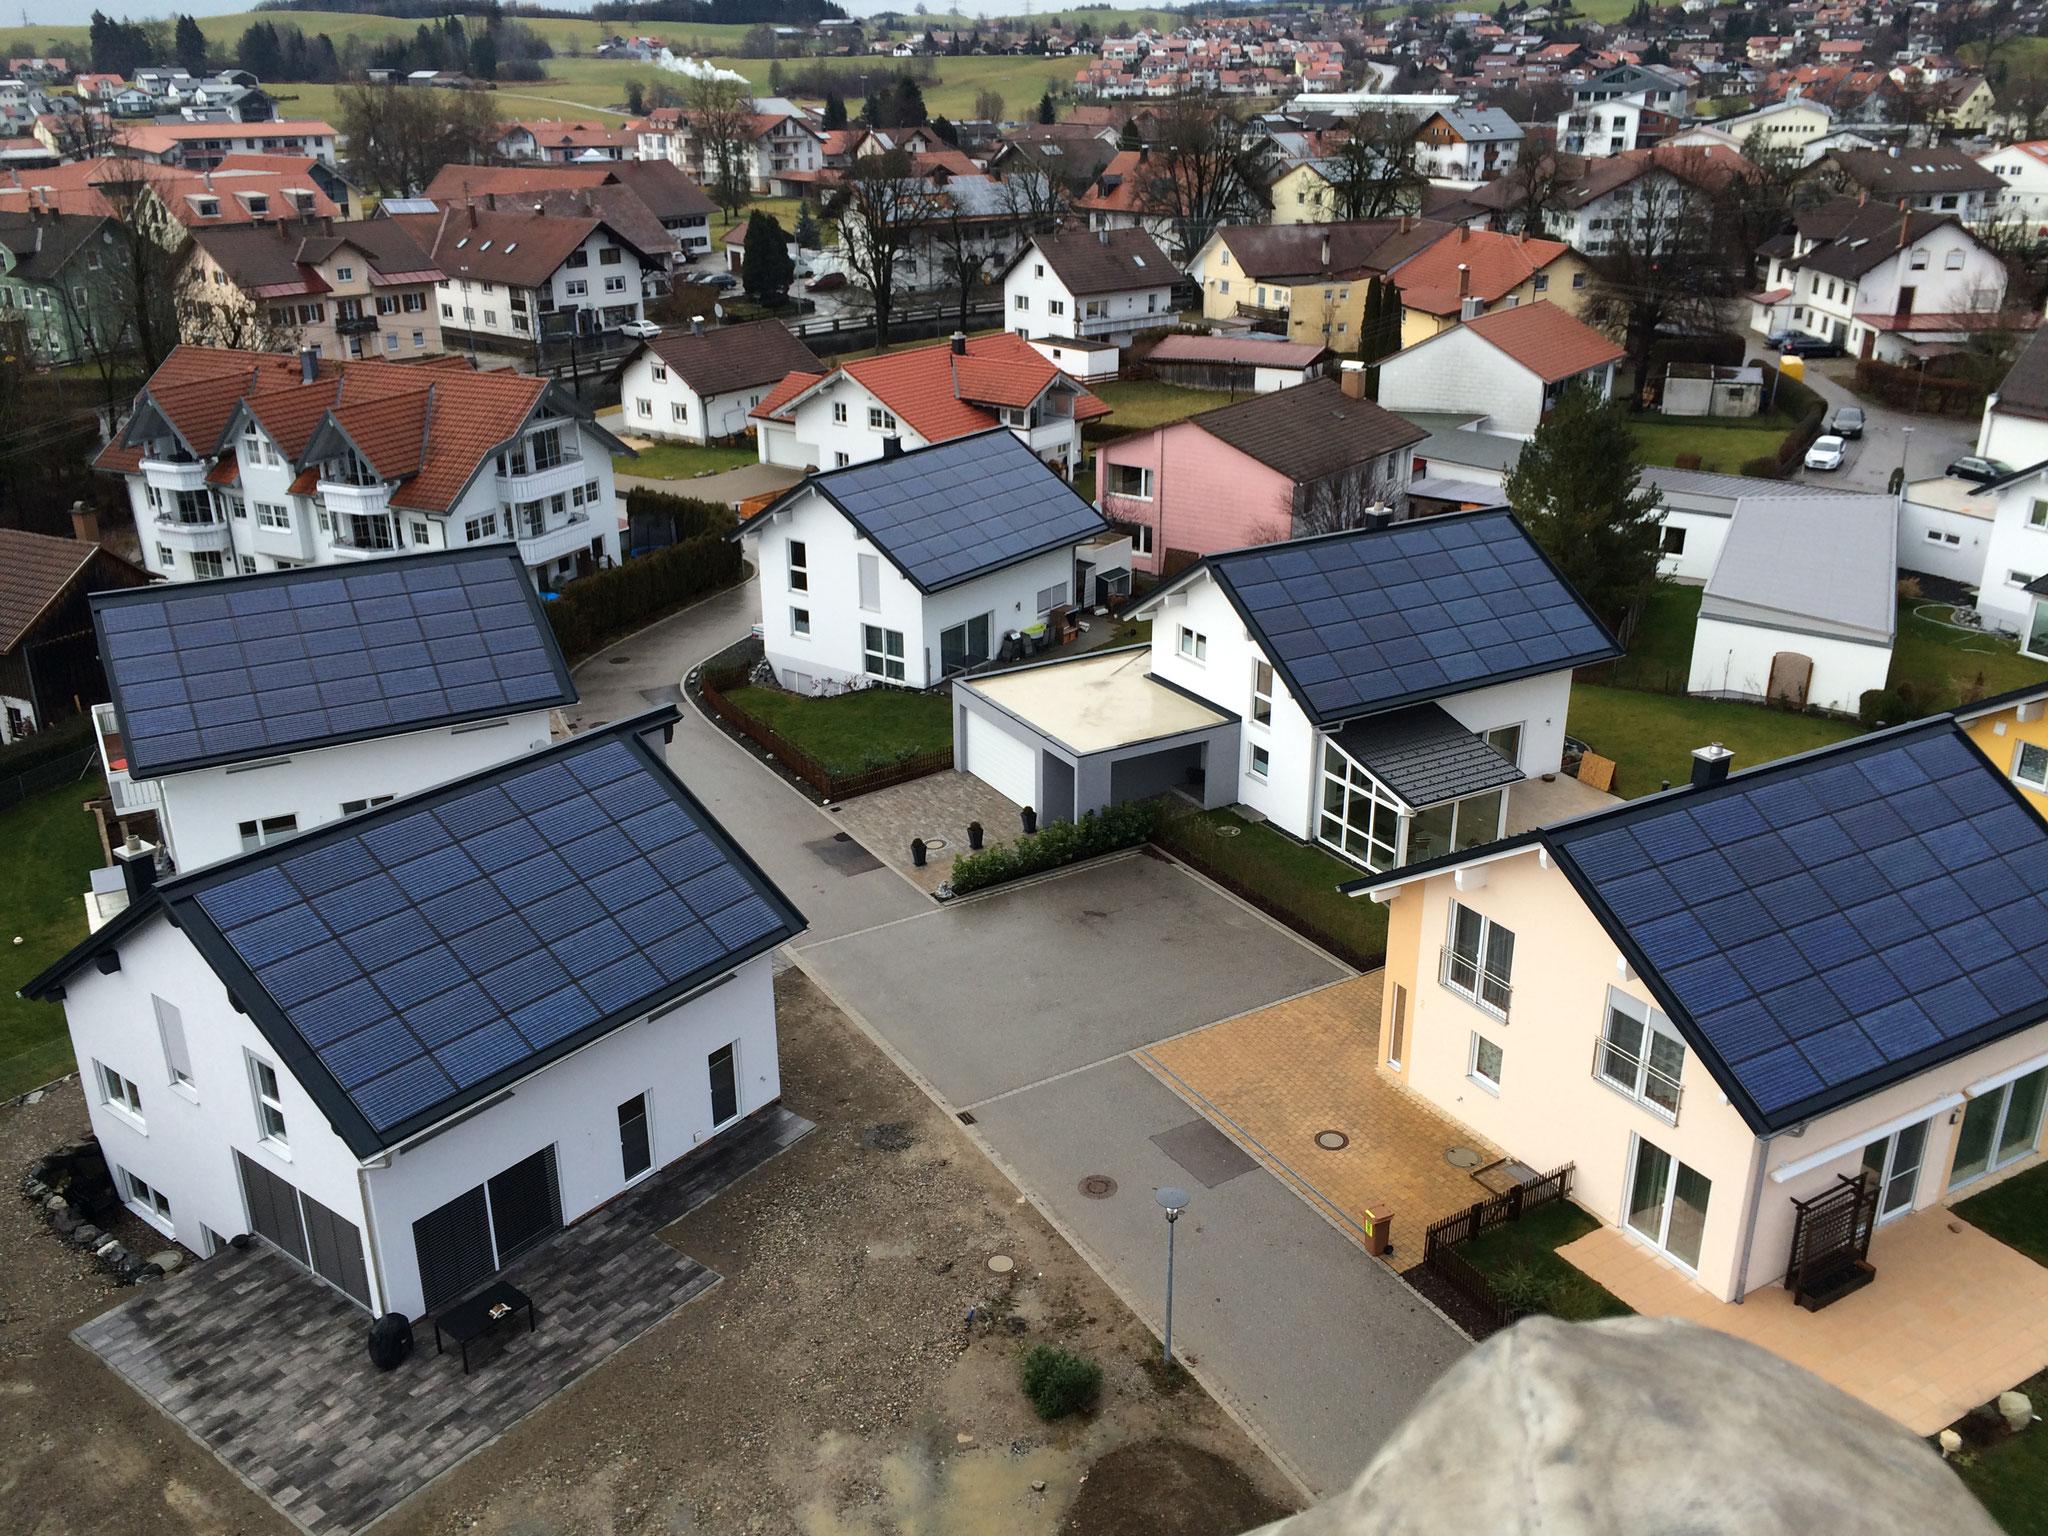 BV: Baugebiet Durach alle Häuser mit Indach-Photovoltaik